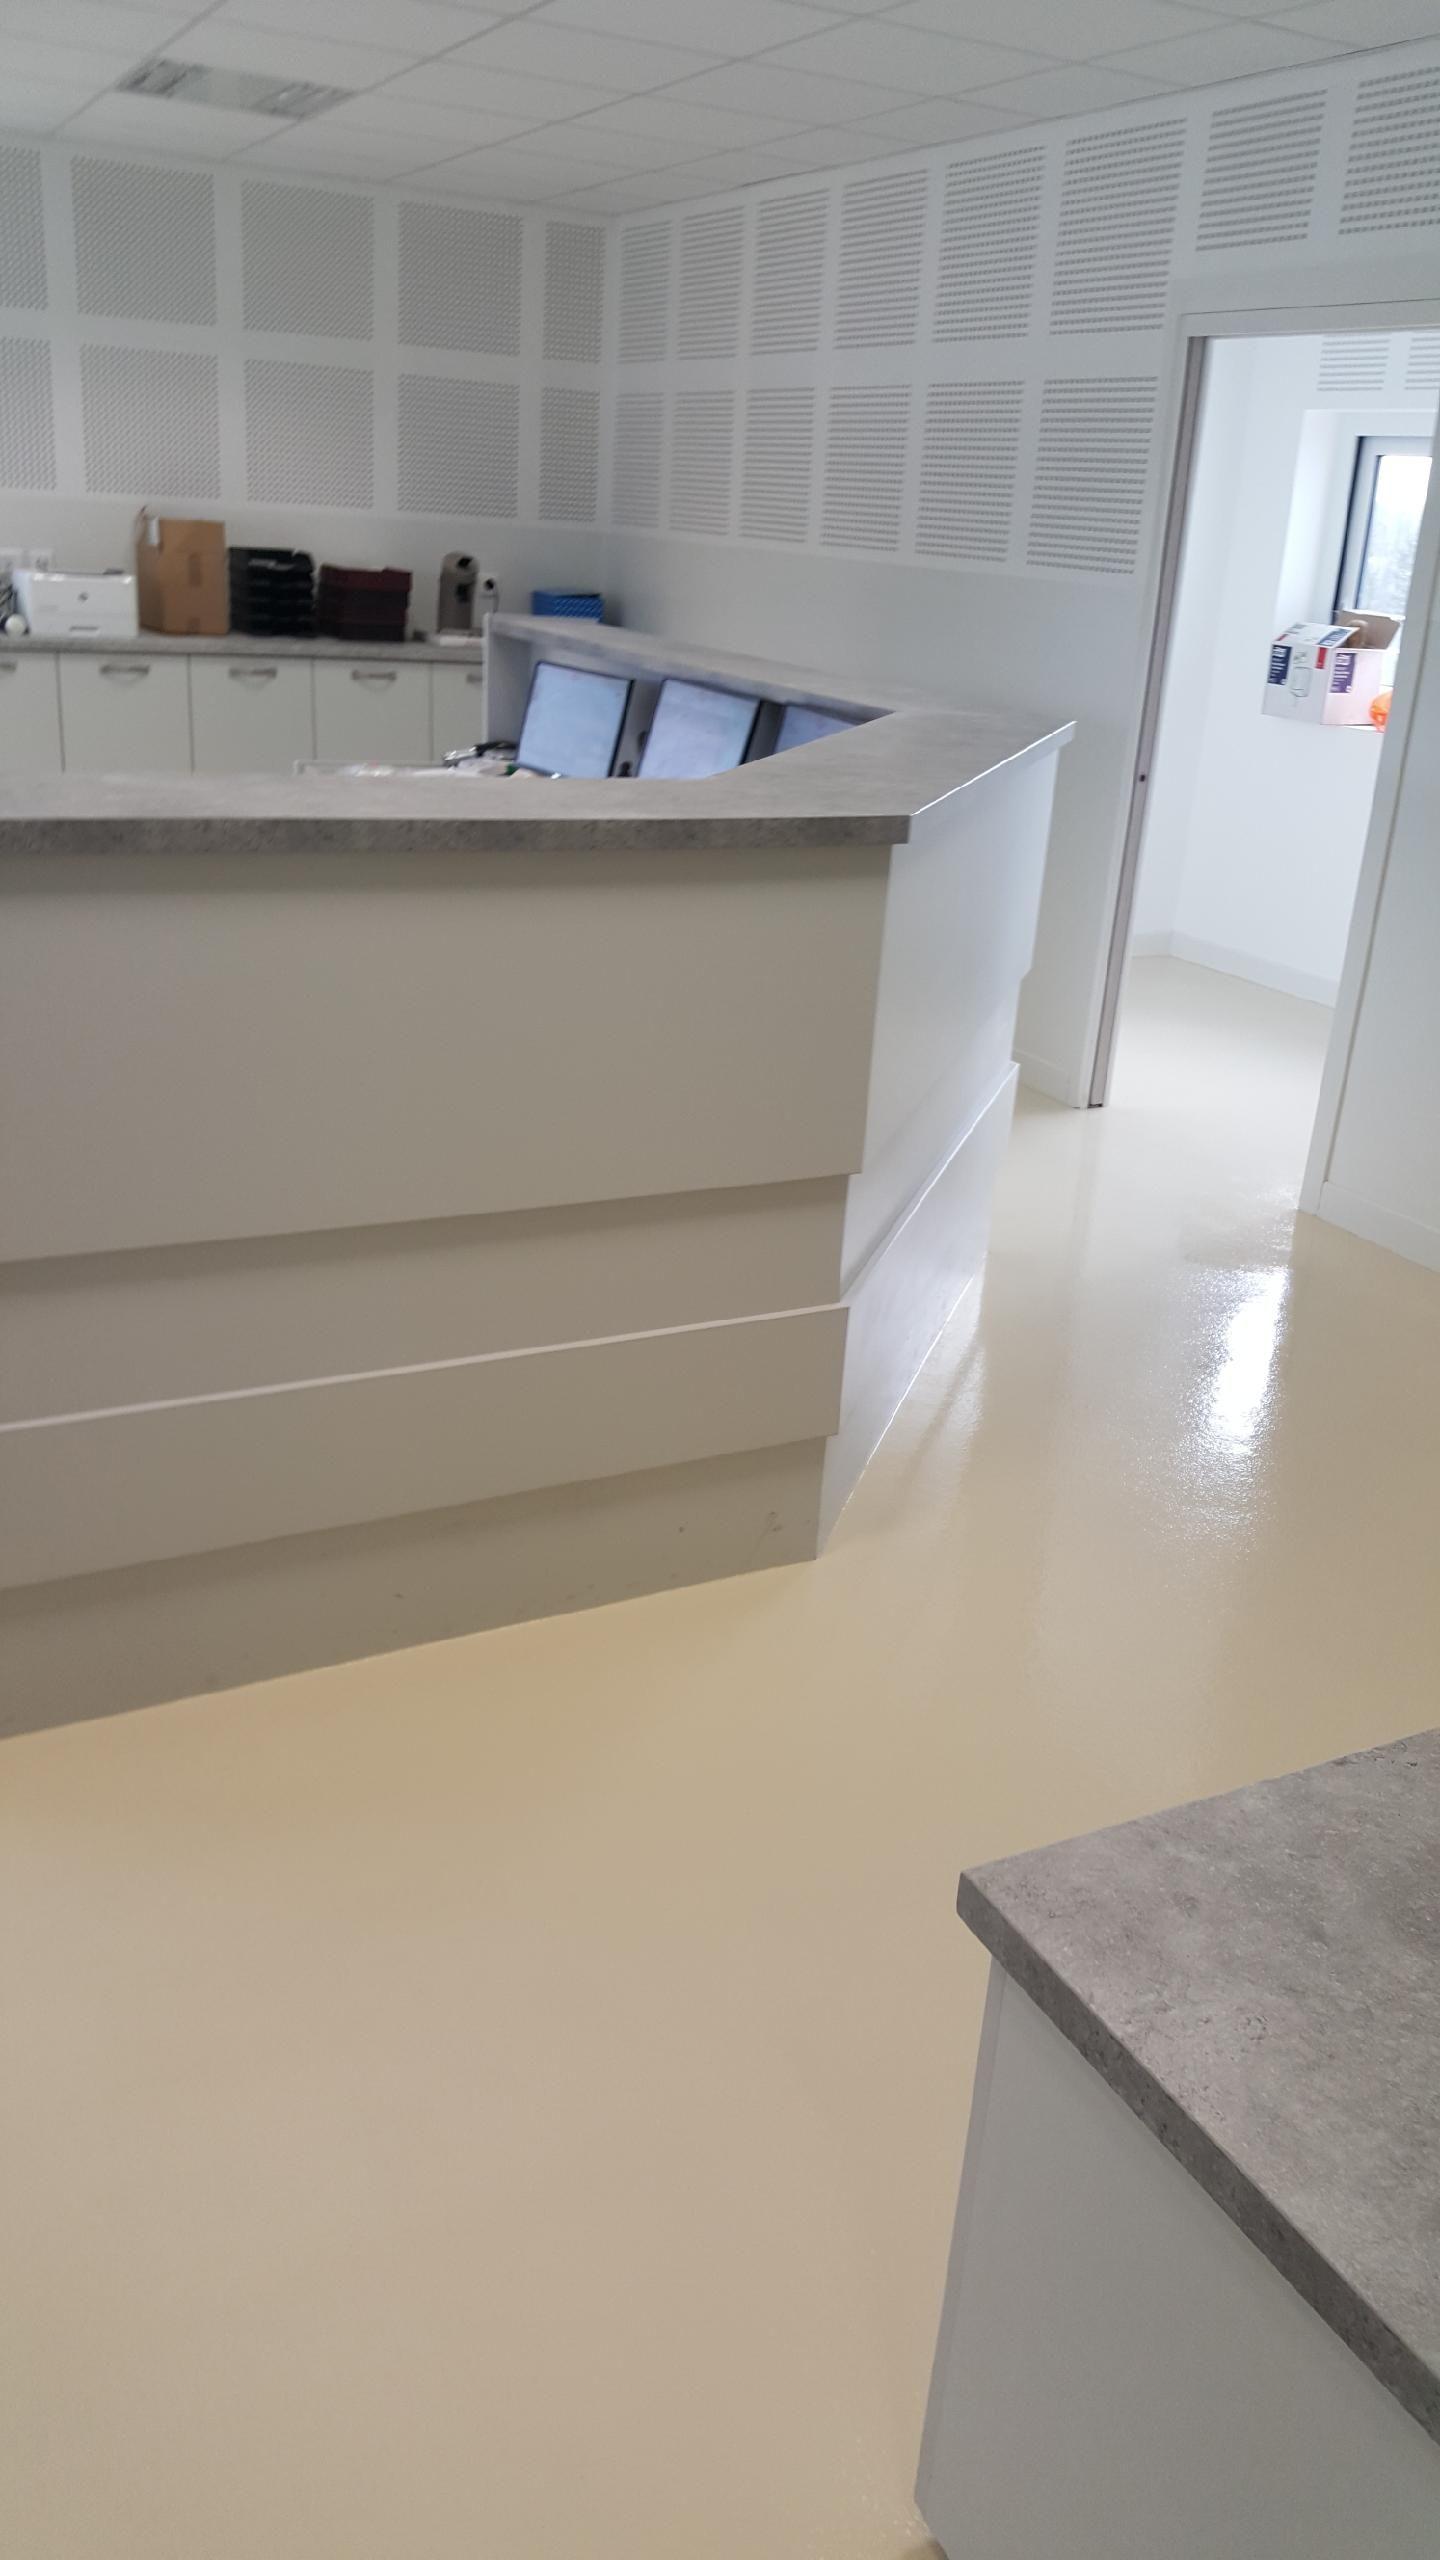 Abcolor Floorcolor Resine Resine Pour Balcon Peinture Pour Sols Carreles Sol En Resine Pour Terrasse Exterie Resine Sol Sols Industriels Decoration Design